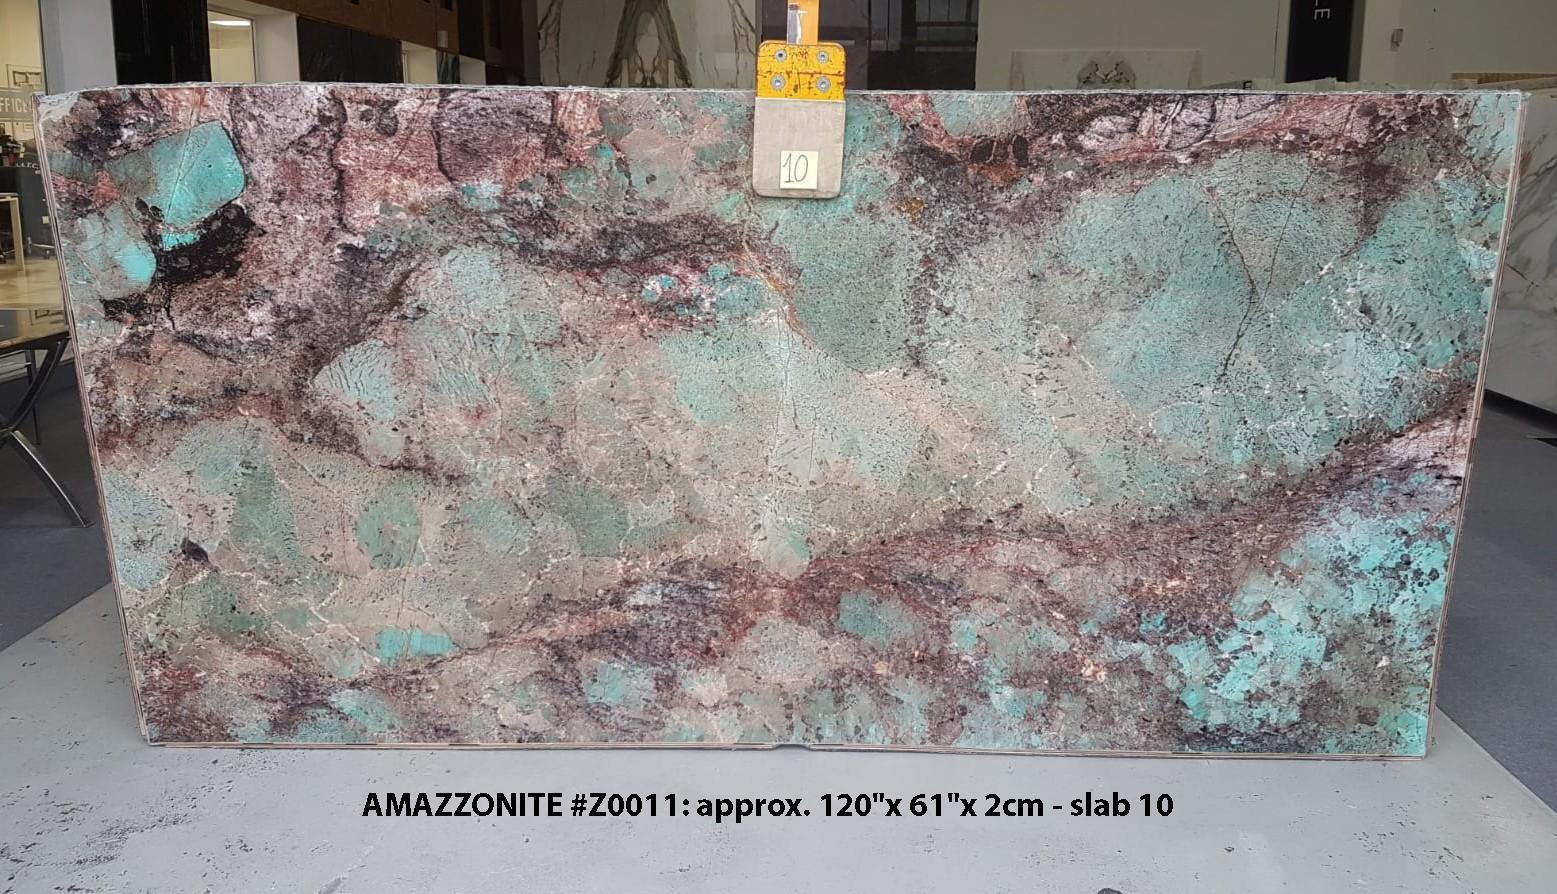 AMAZZONITE Fornitura Veneto (Italia) di lastre grezze lucide in pietra semipreziosa naturale Z0011 , Slab #10